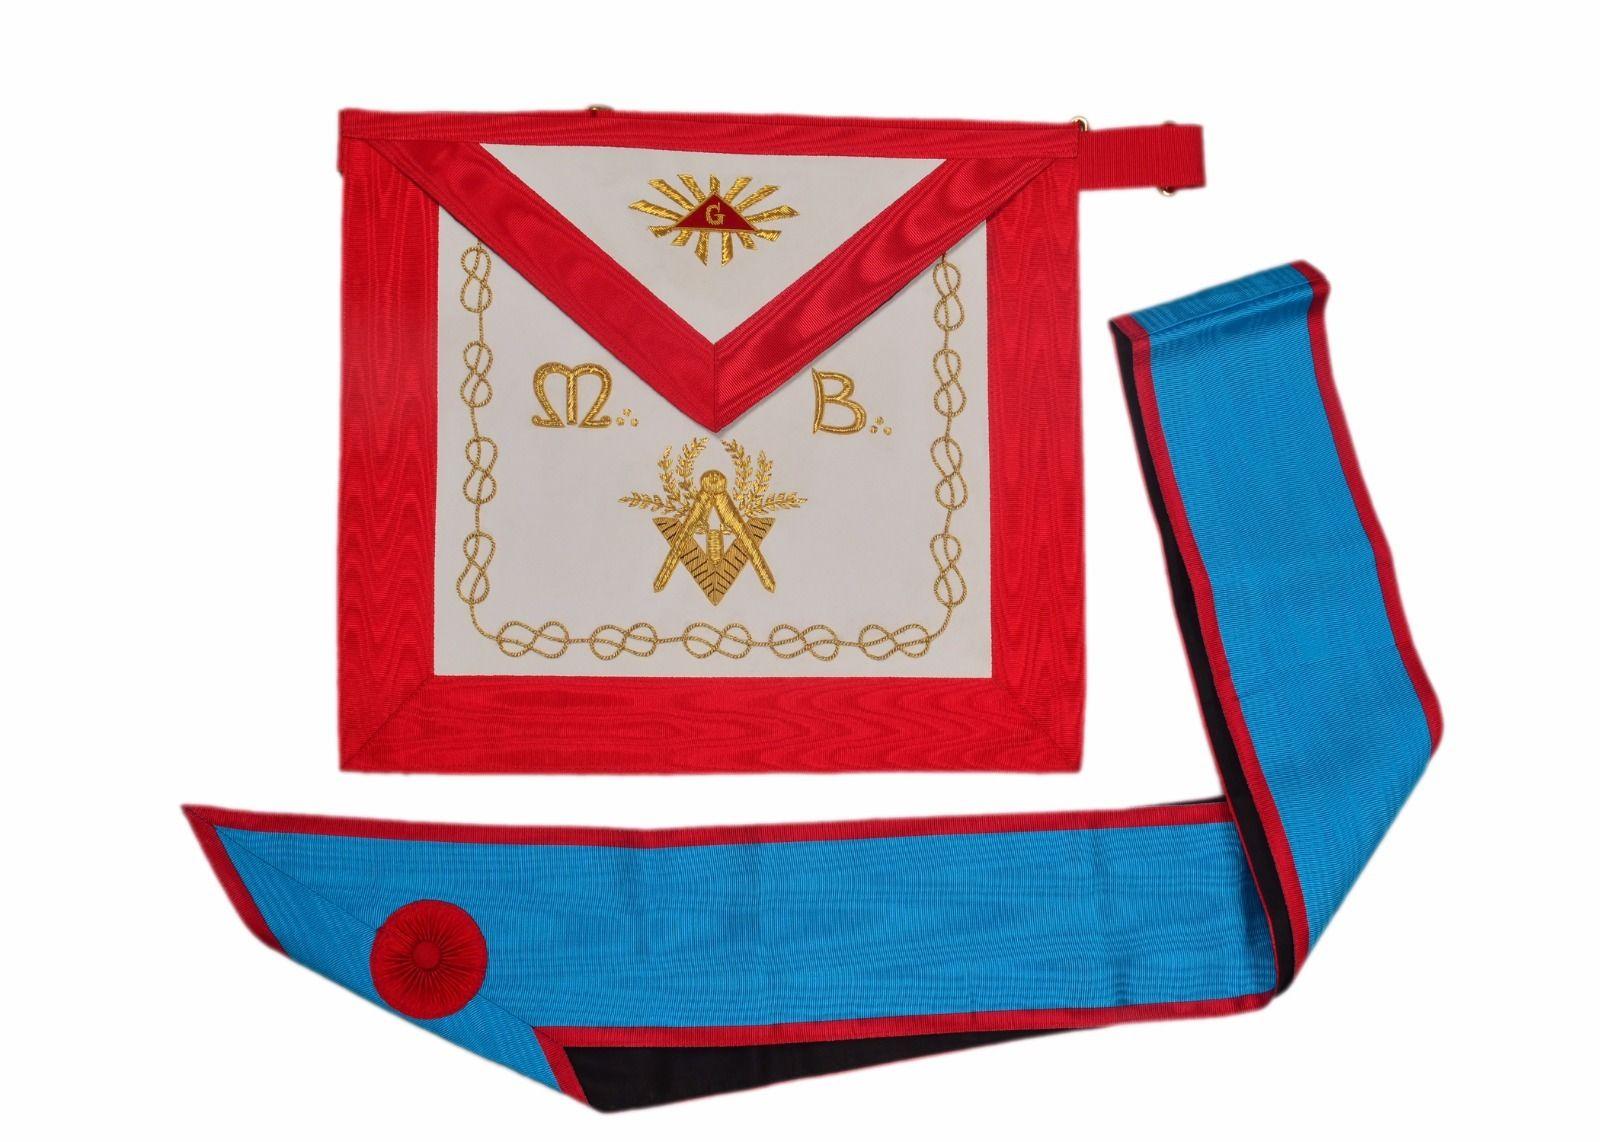 Masonic Regalia Worshipful Master Mason Apron Sash With Hand